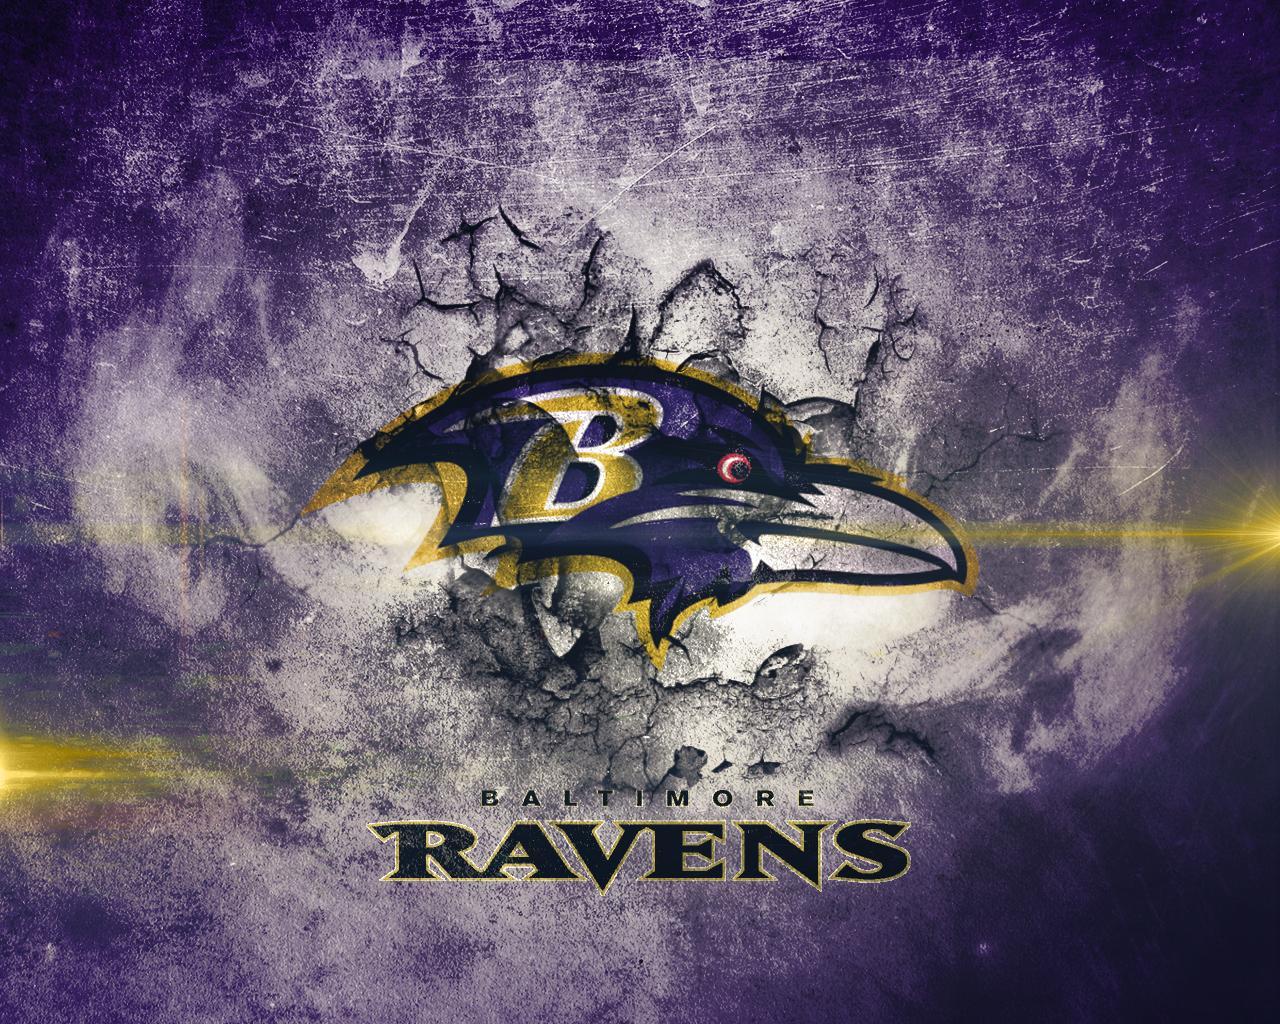 baltimore ravens wallpaper 52914